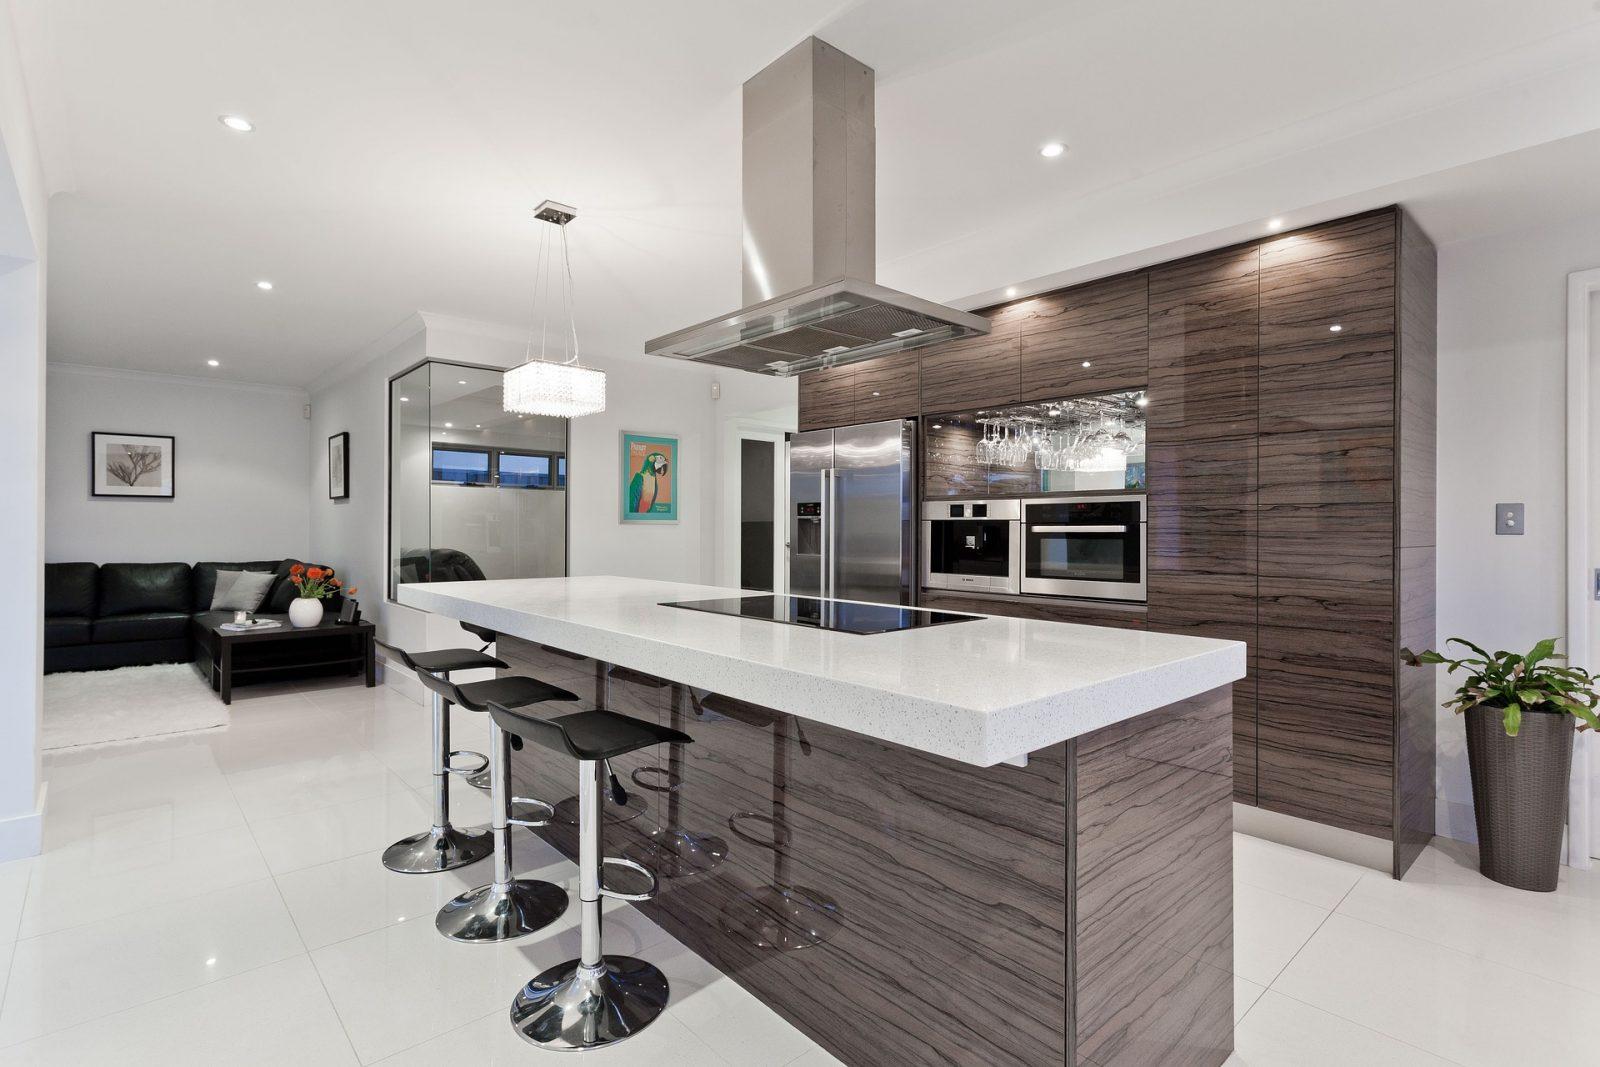 Kuchnia połączona z salonem w małym mieszkaniu- czy warto brać pod uwagę takie rozwiązanie?